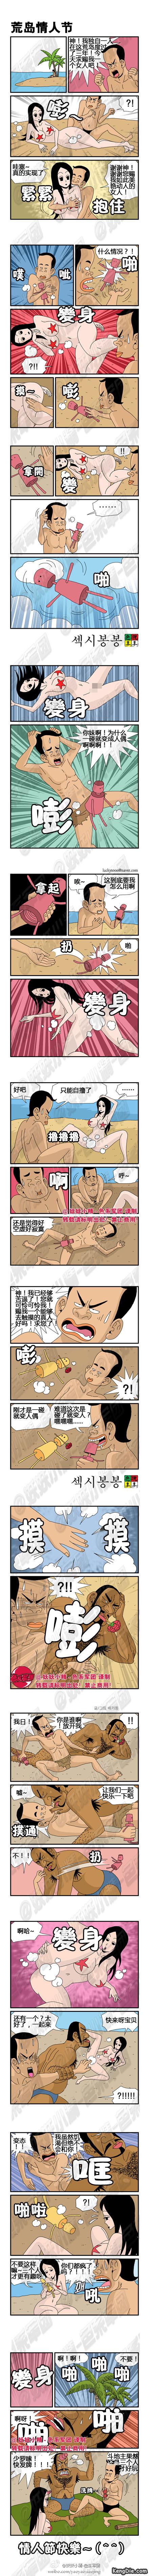 无翼鸟邪恶漫画:寂寞无人岛